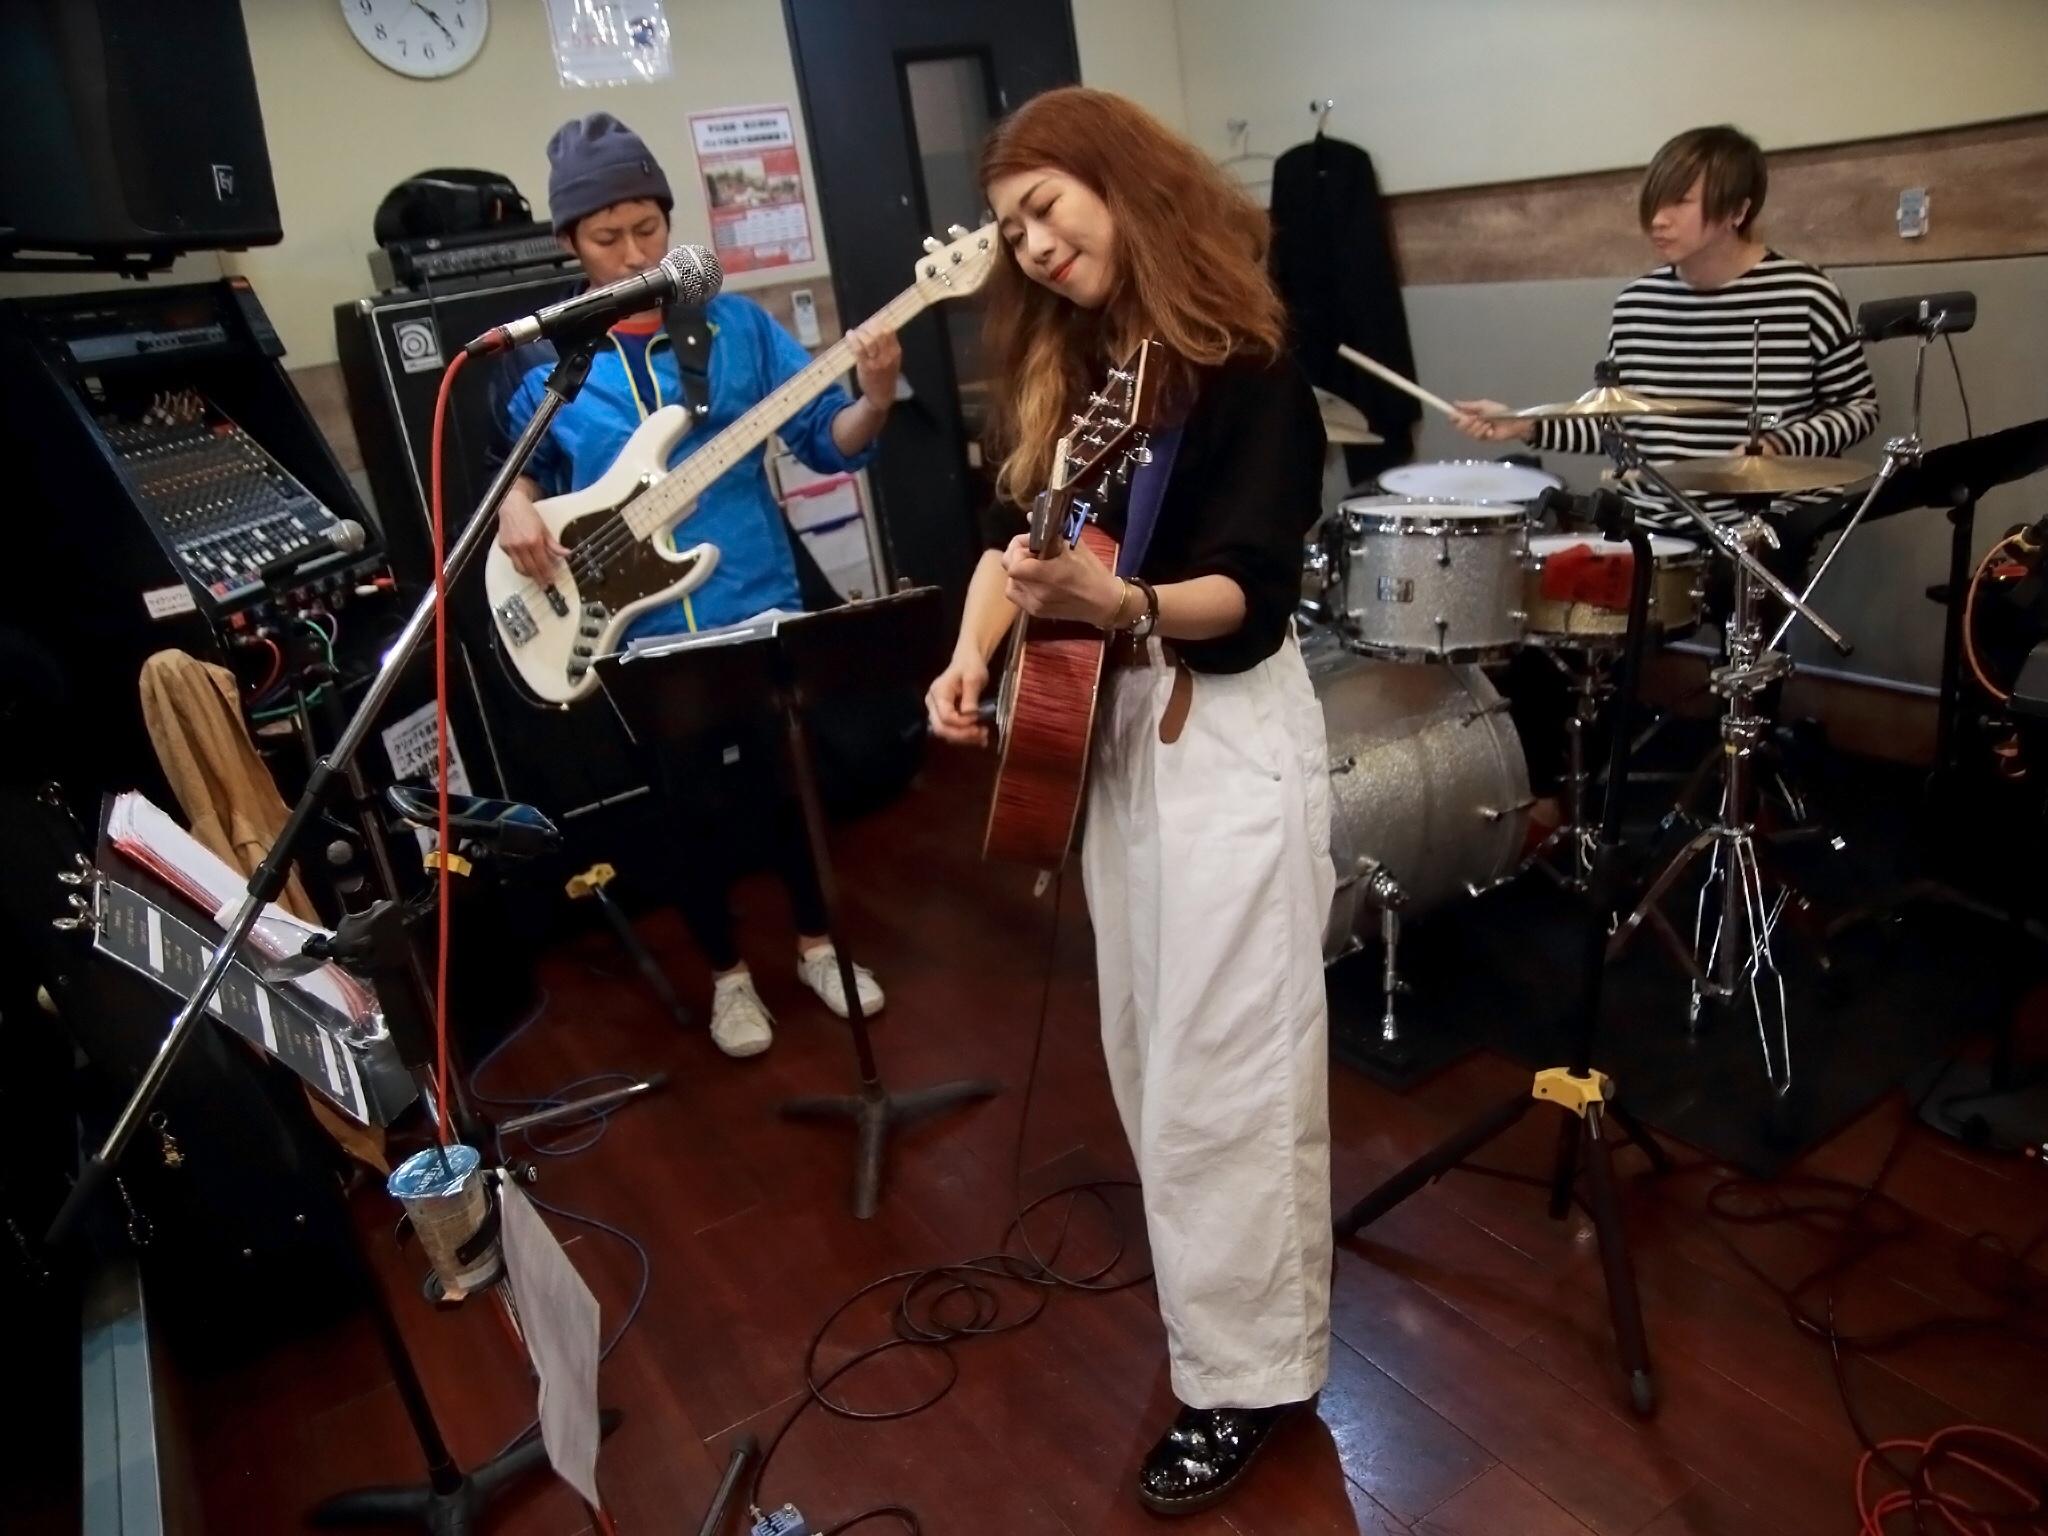 【秋から冬服へ】シンガーソングライターうたうゆきこのLive photo【ファッション】_2